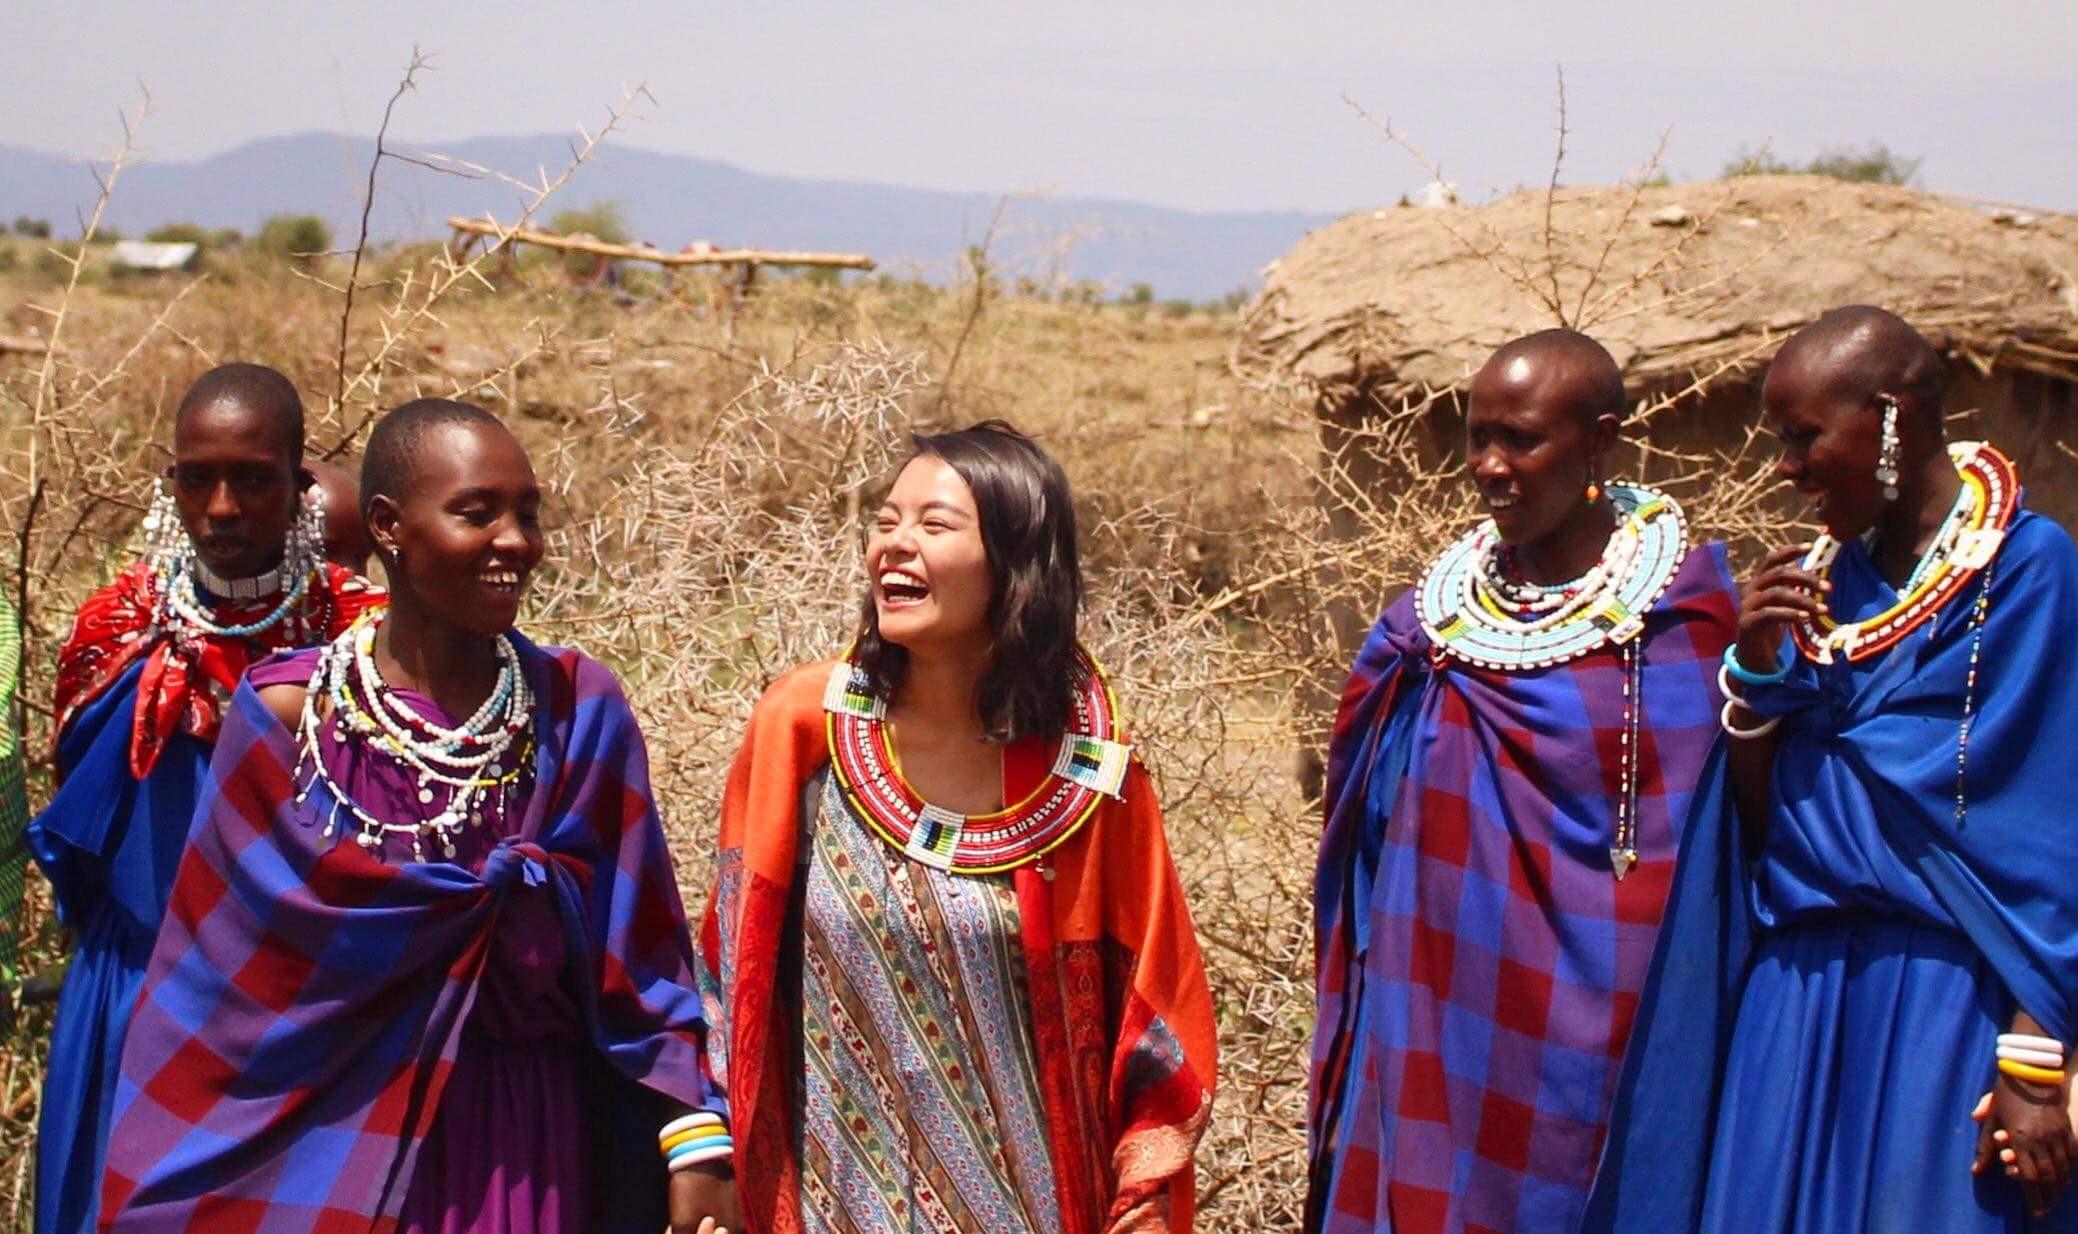 牛500頭で結婚しよう!女子大生が語るケニアで日本人がモテた3つの理由